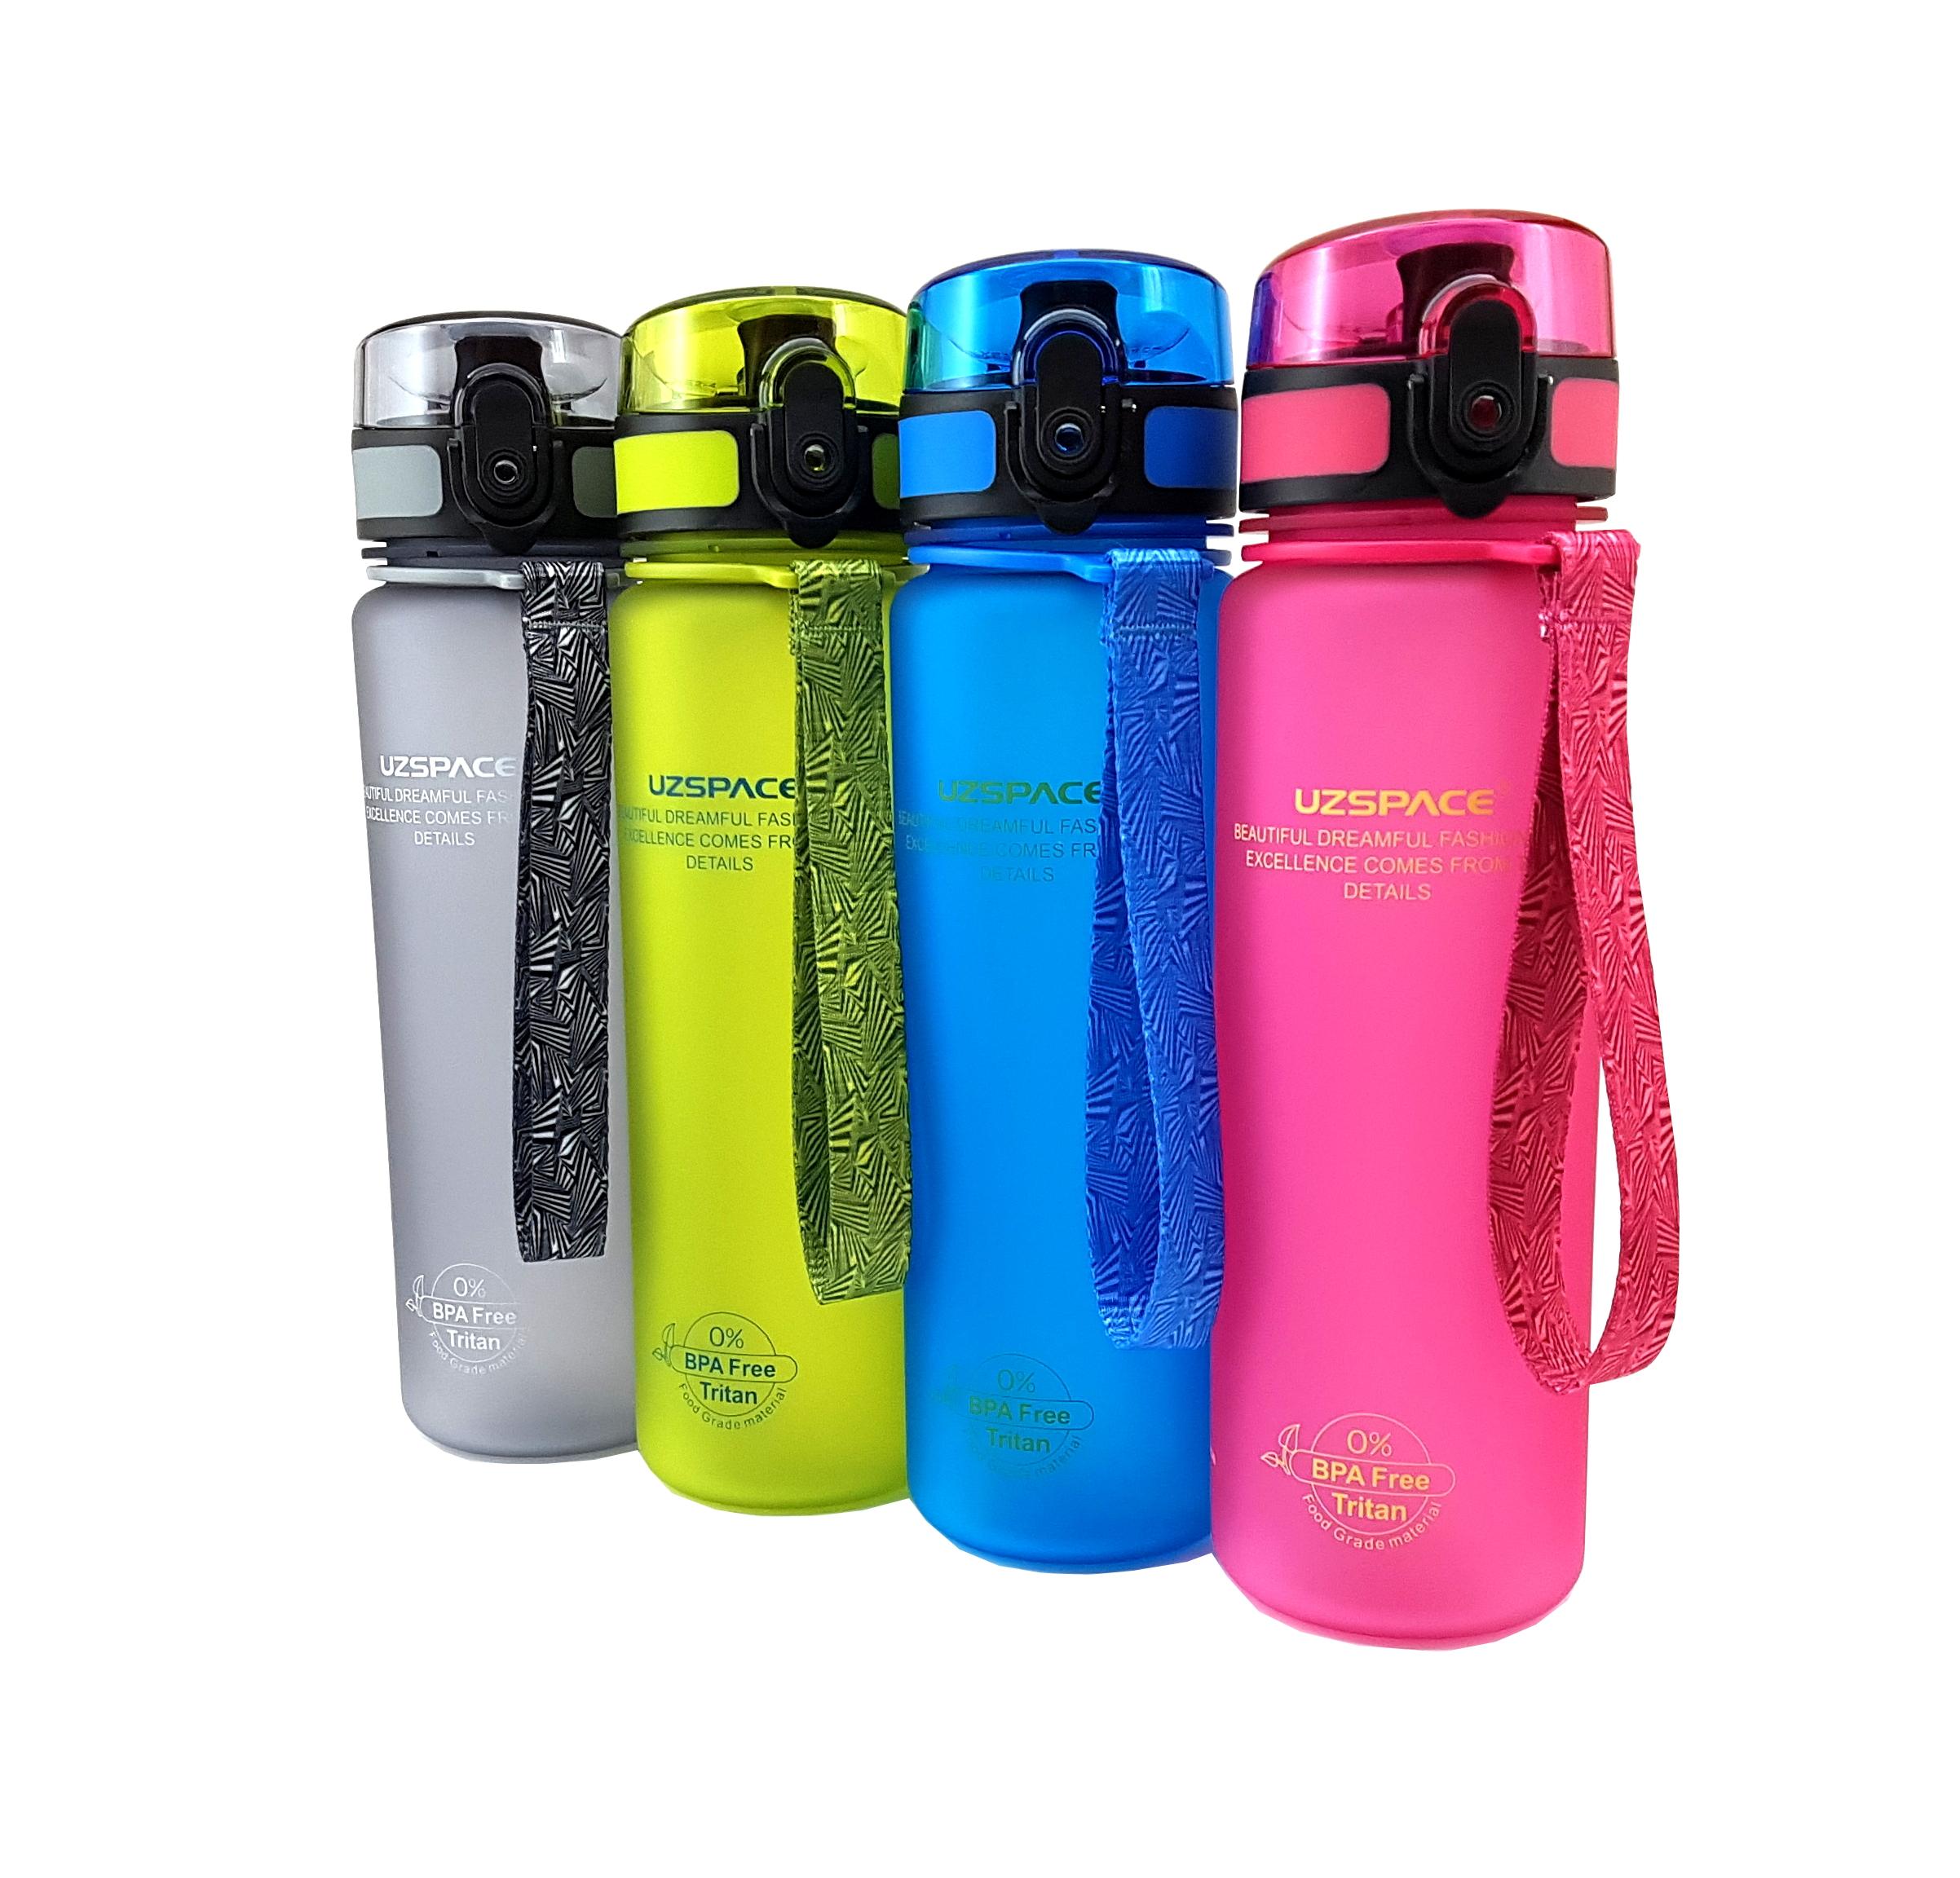 Сколько воды в спортивной бутылке комплект красивого нижнего женского белья купить